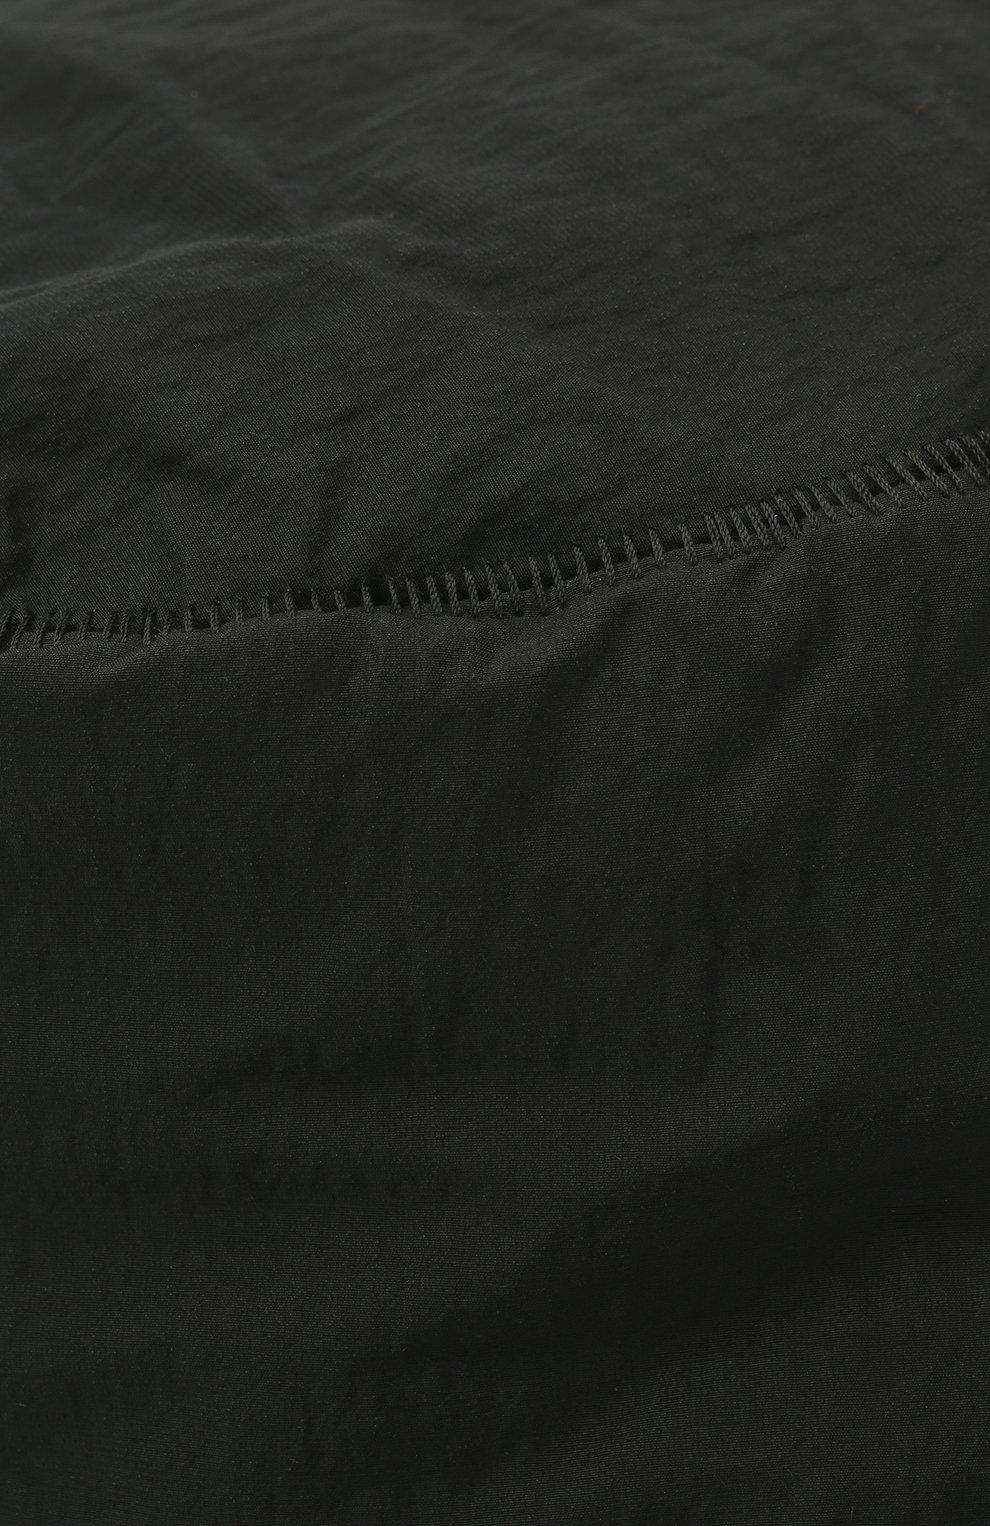 Мужская панама TRANSIT темно-серого цвета, арт. HATUTRM5002 | Фото 3